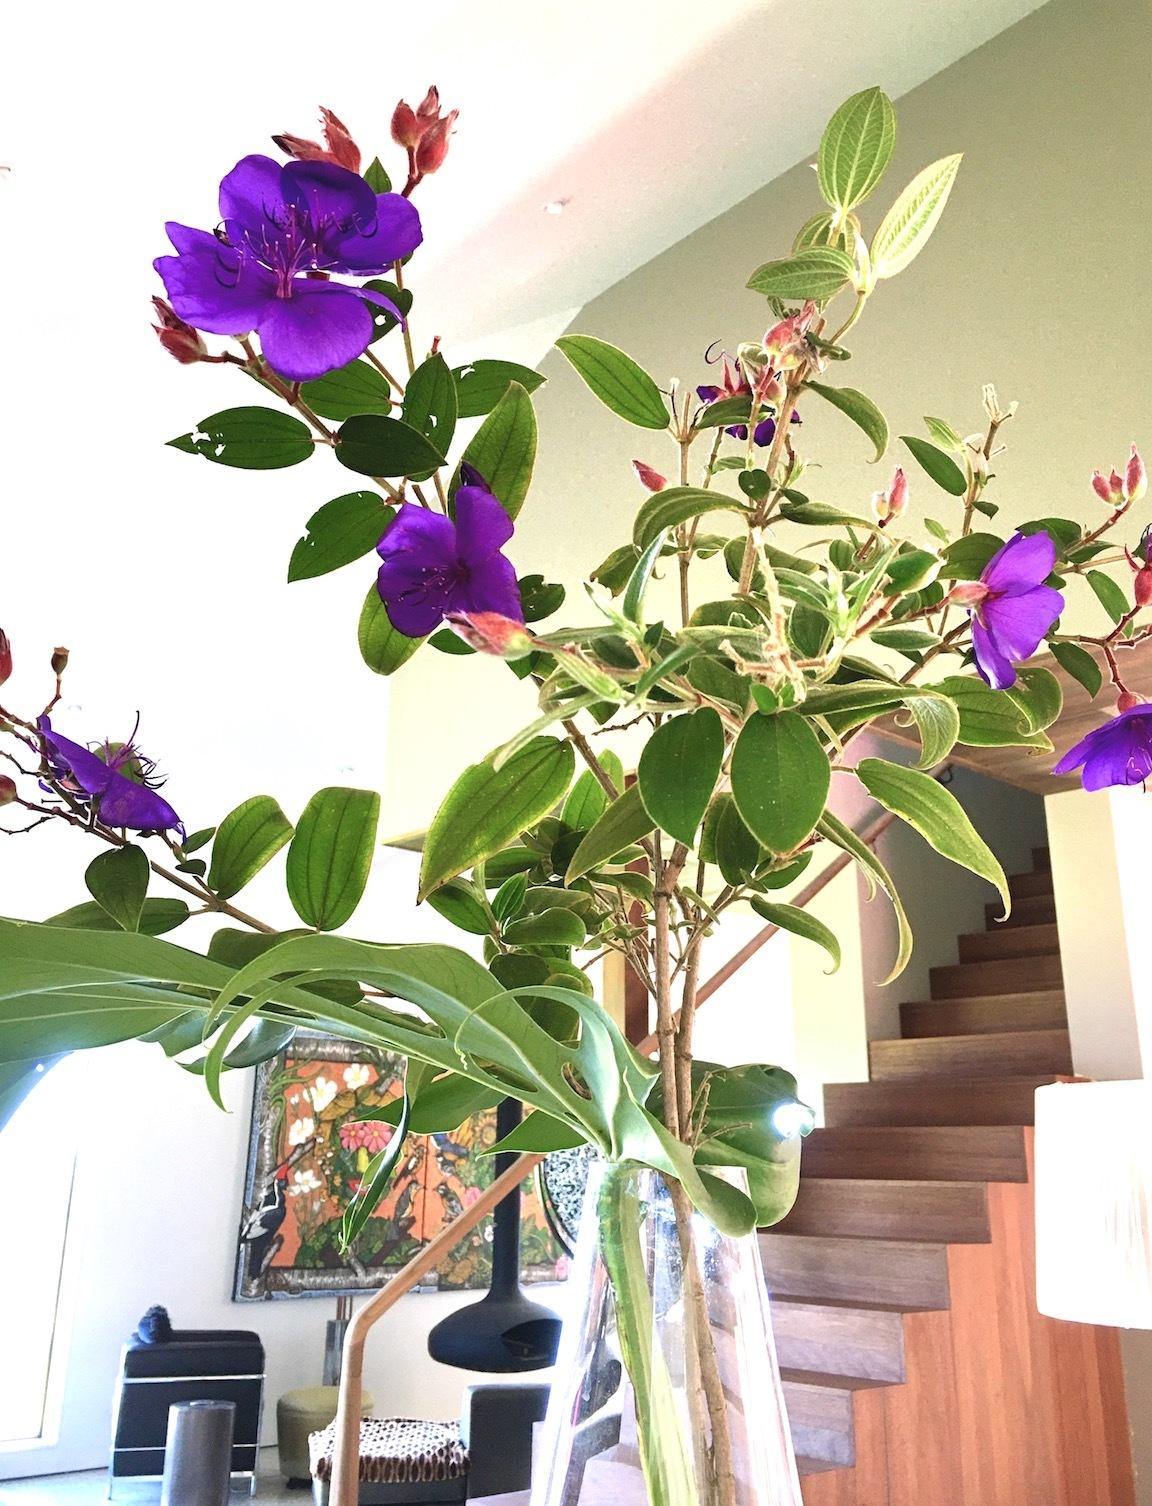 ソーシャルメディアについて思うこと/ May Flowers, Mushrooms, Cookies_e0310424_20085178.jpg